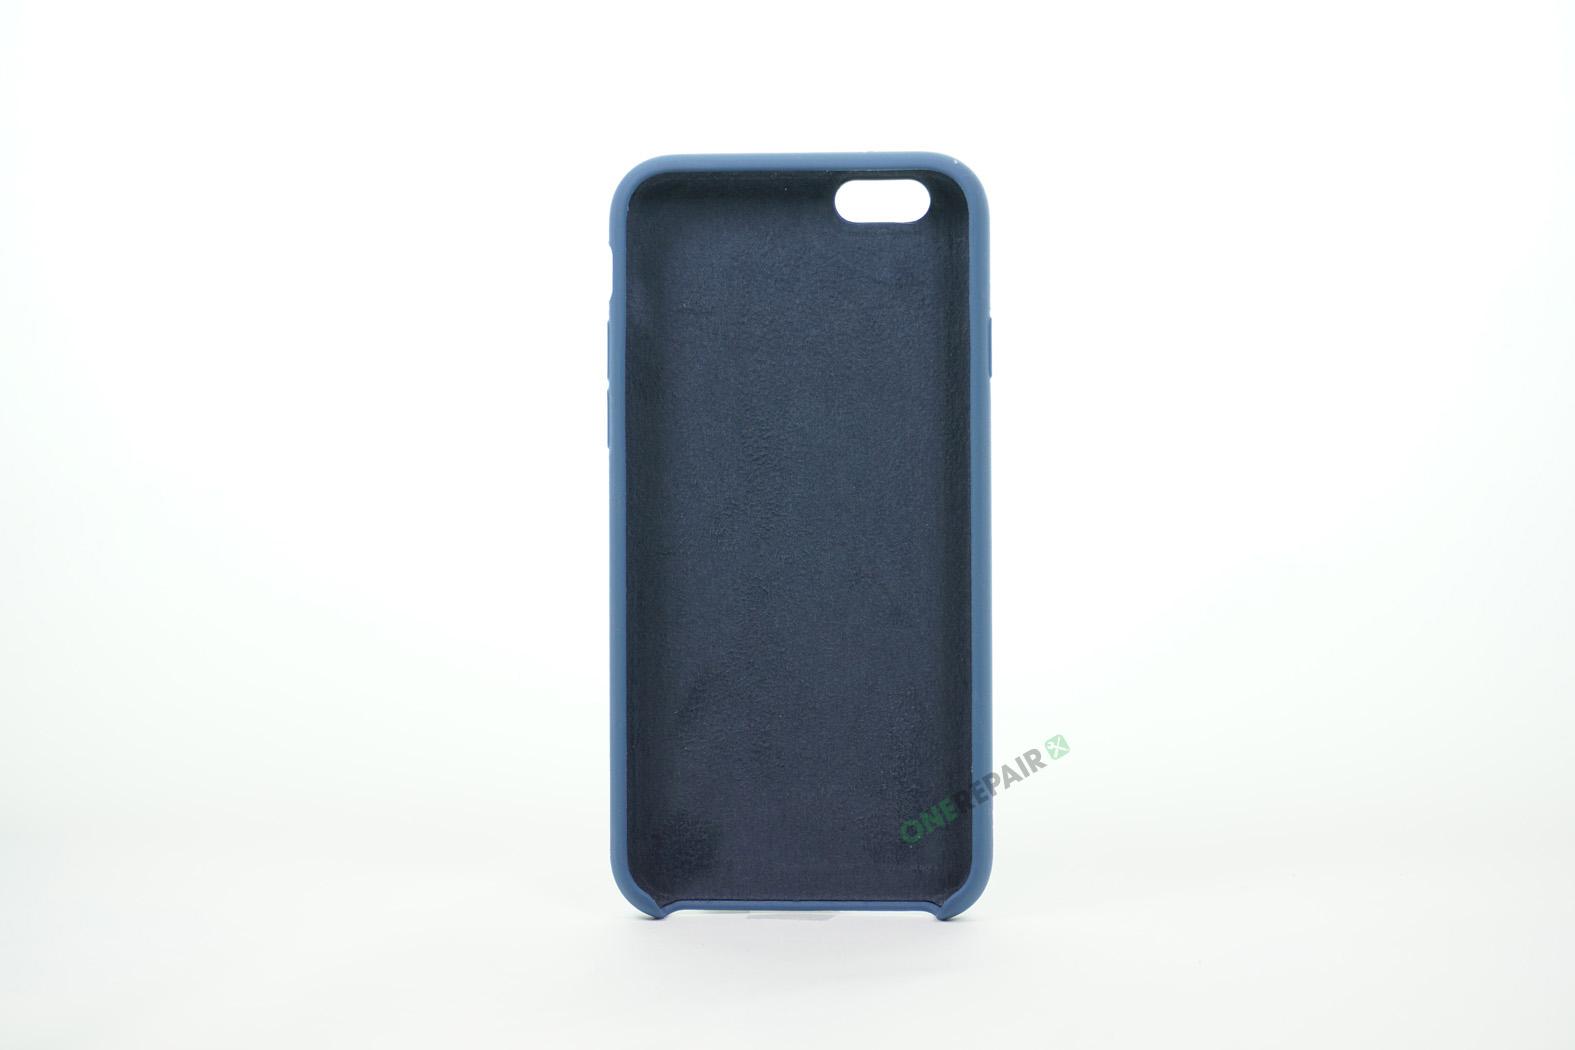 350548_iPhone_6_6S_Silikonecover_Cover_Blaa_OneRepair_00003